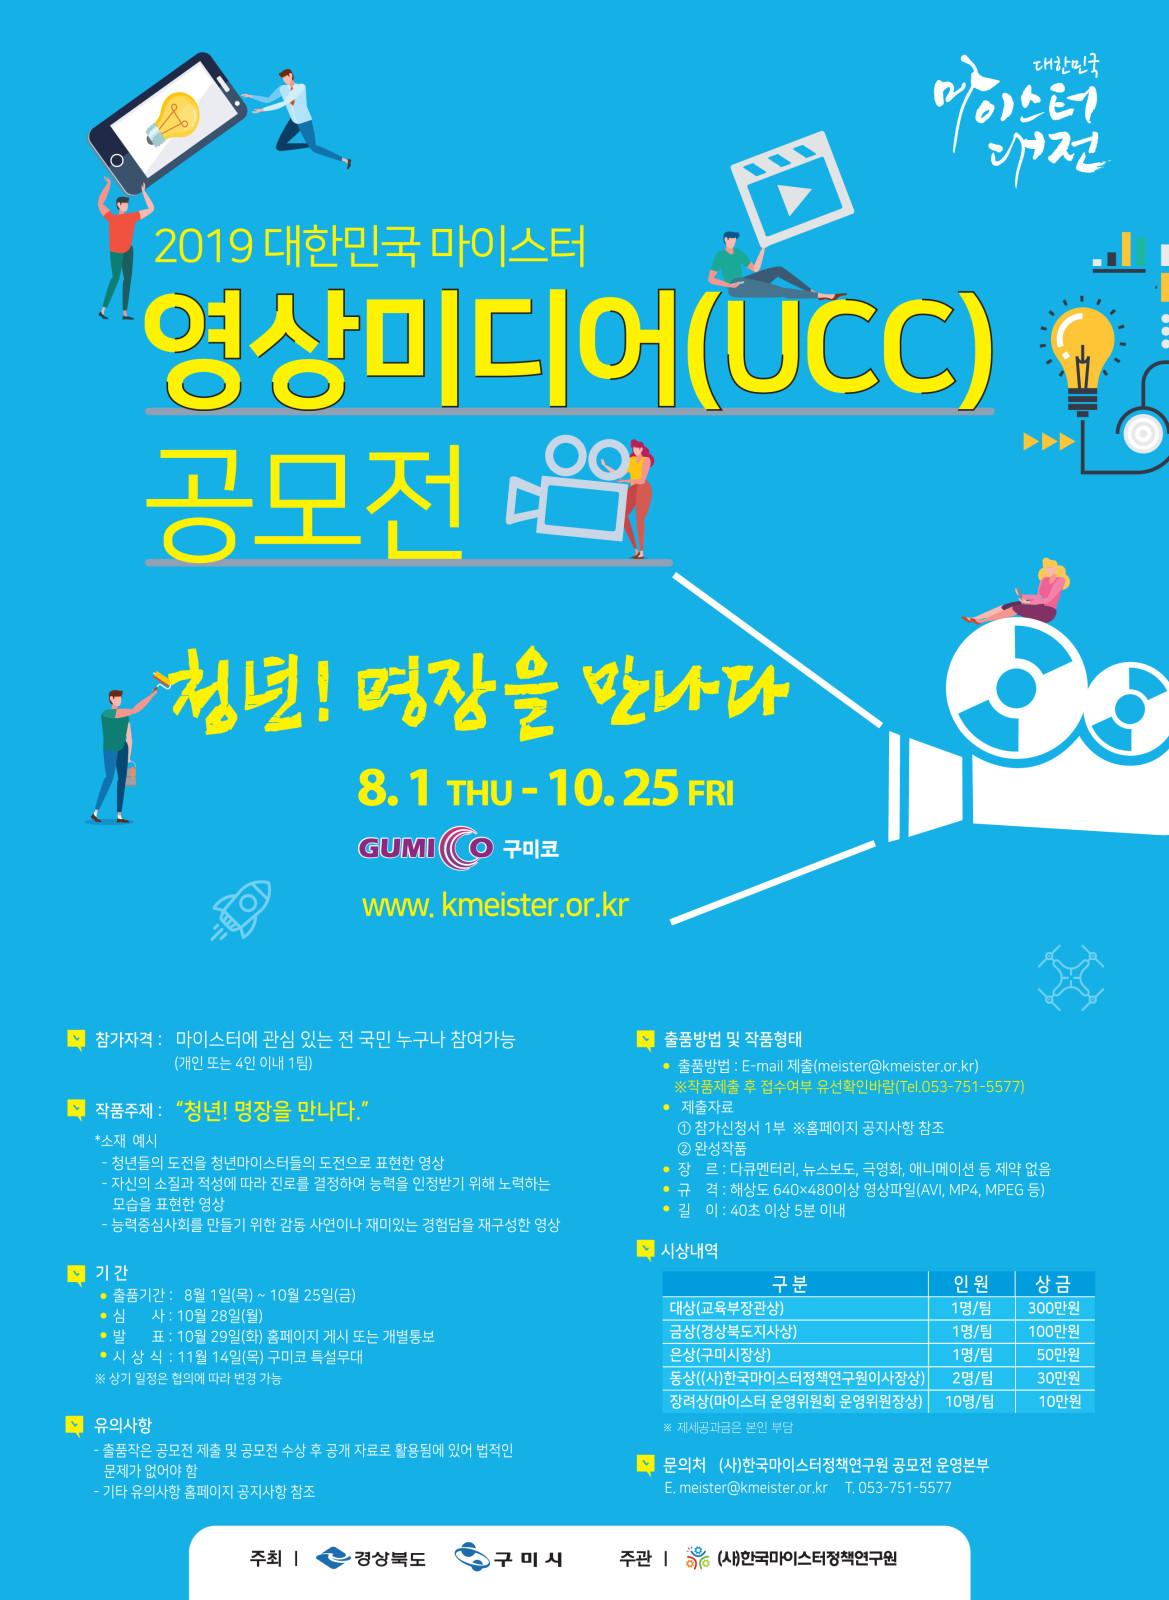 2019 대한민국 마이스터 영상미디어(UCC) 공모전